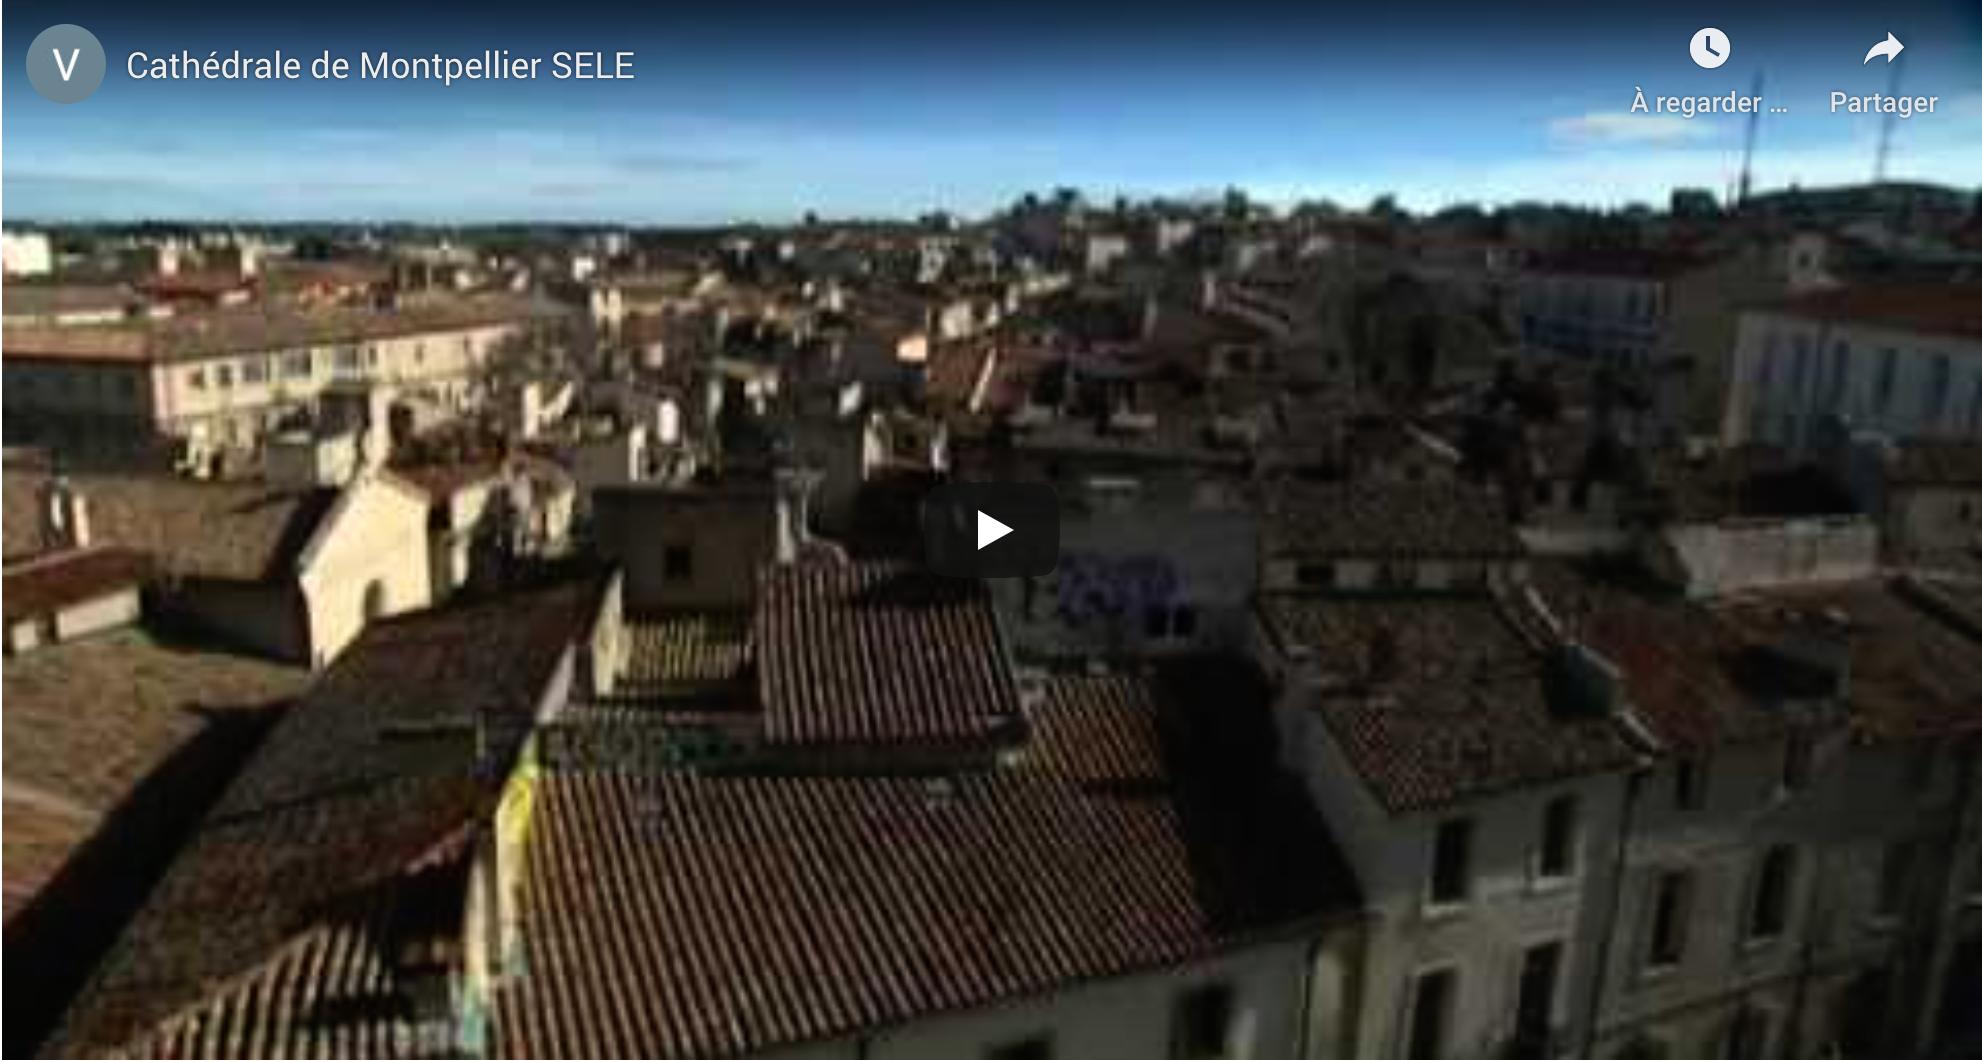 Rénovation de la Cathédrale de Montpellier